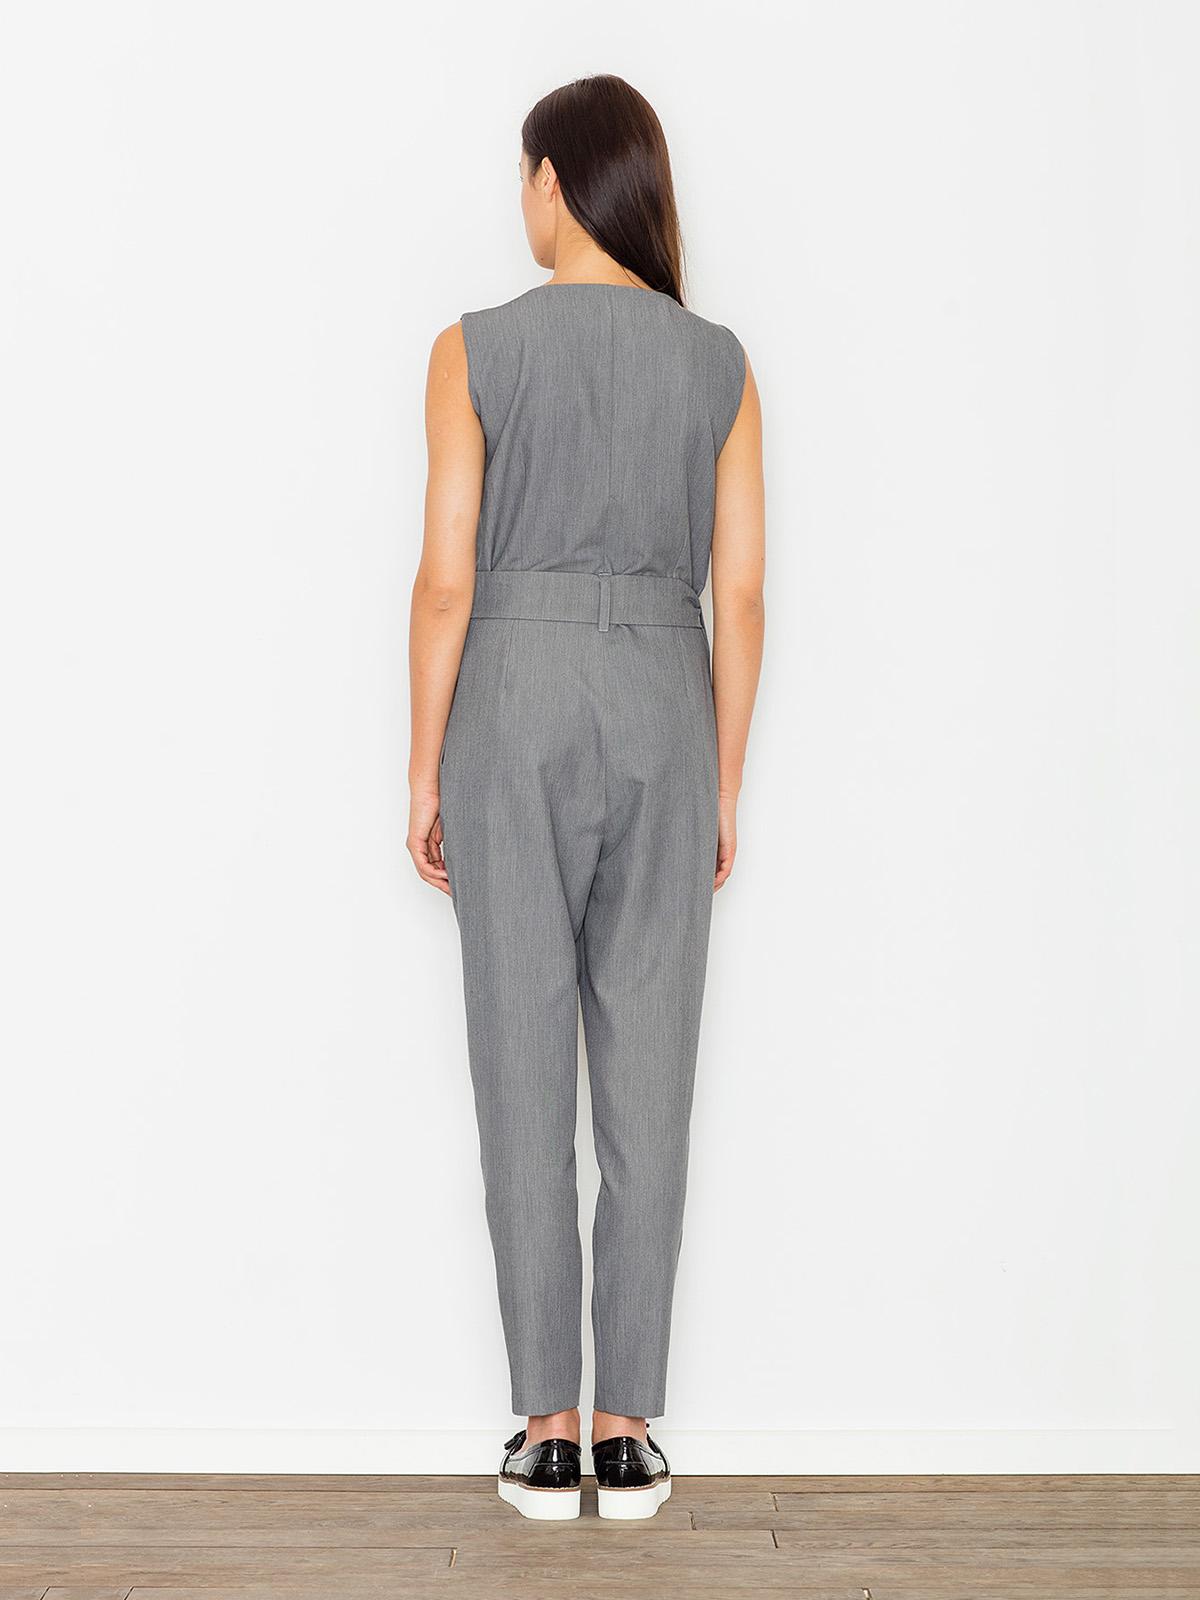 UNITED COLORS OF BENETTON Pyjama Overall with Print Bas B/éb/é gar/çon